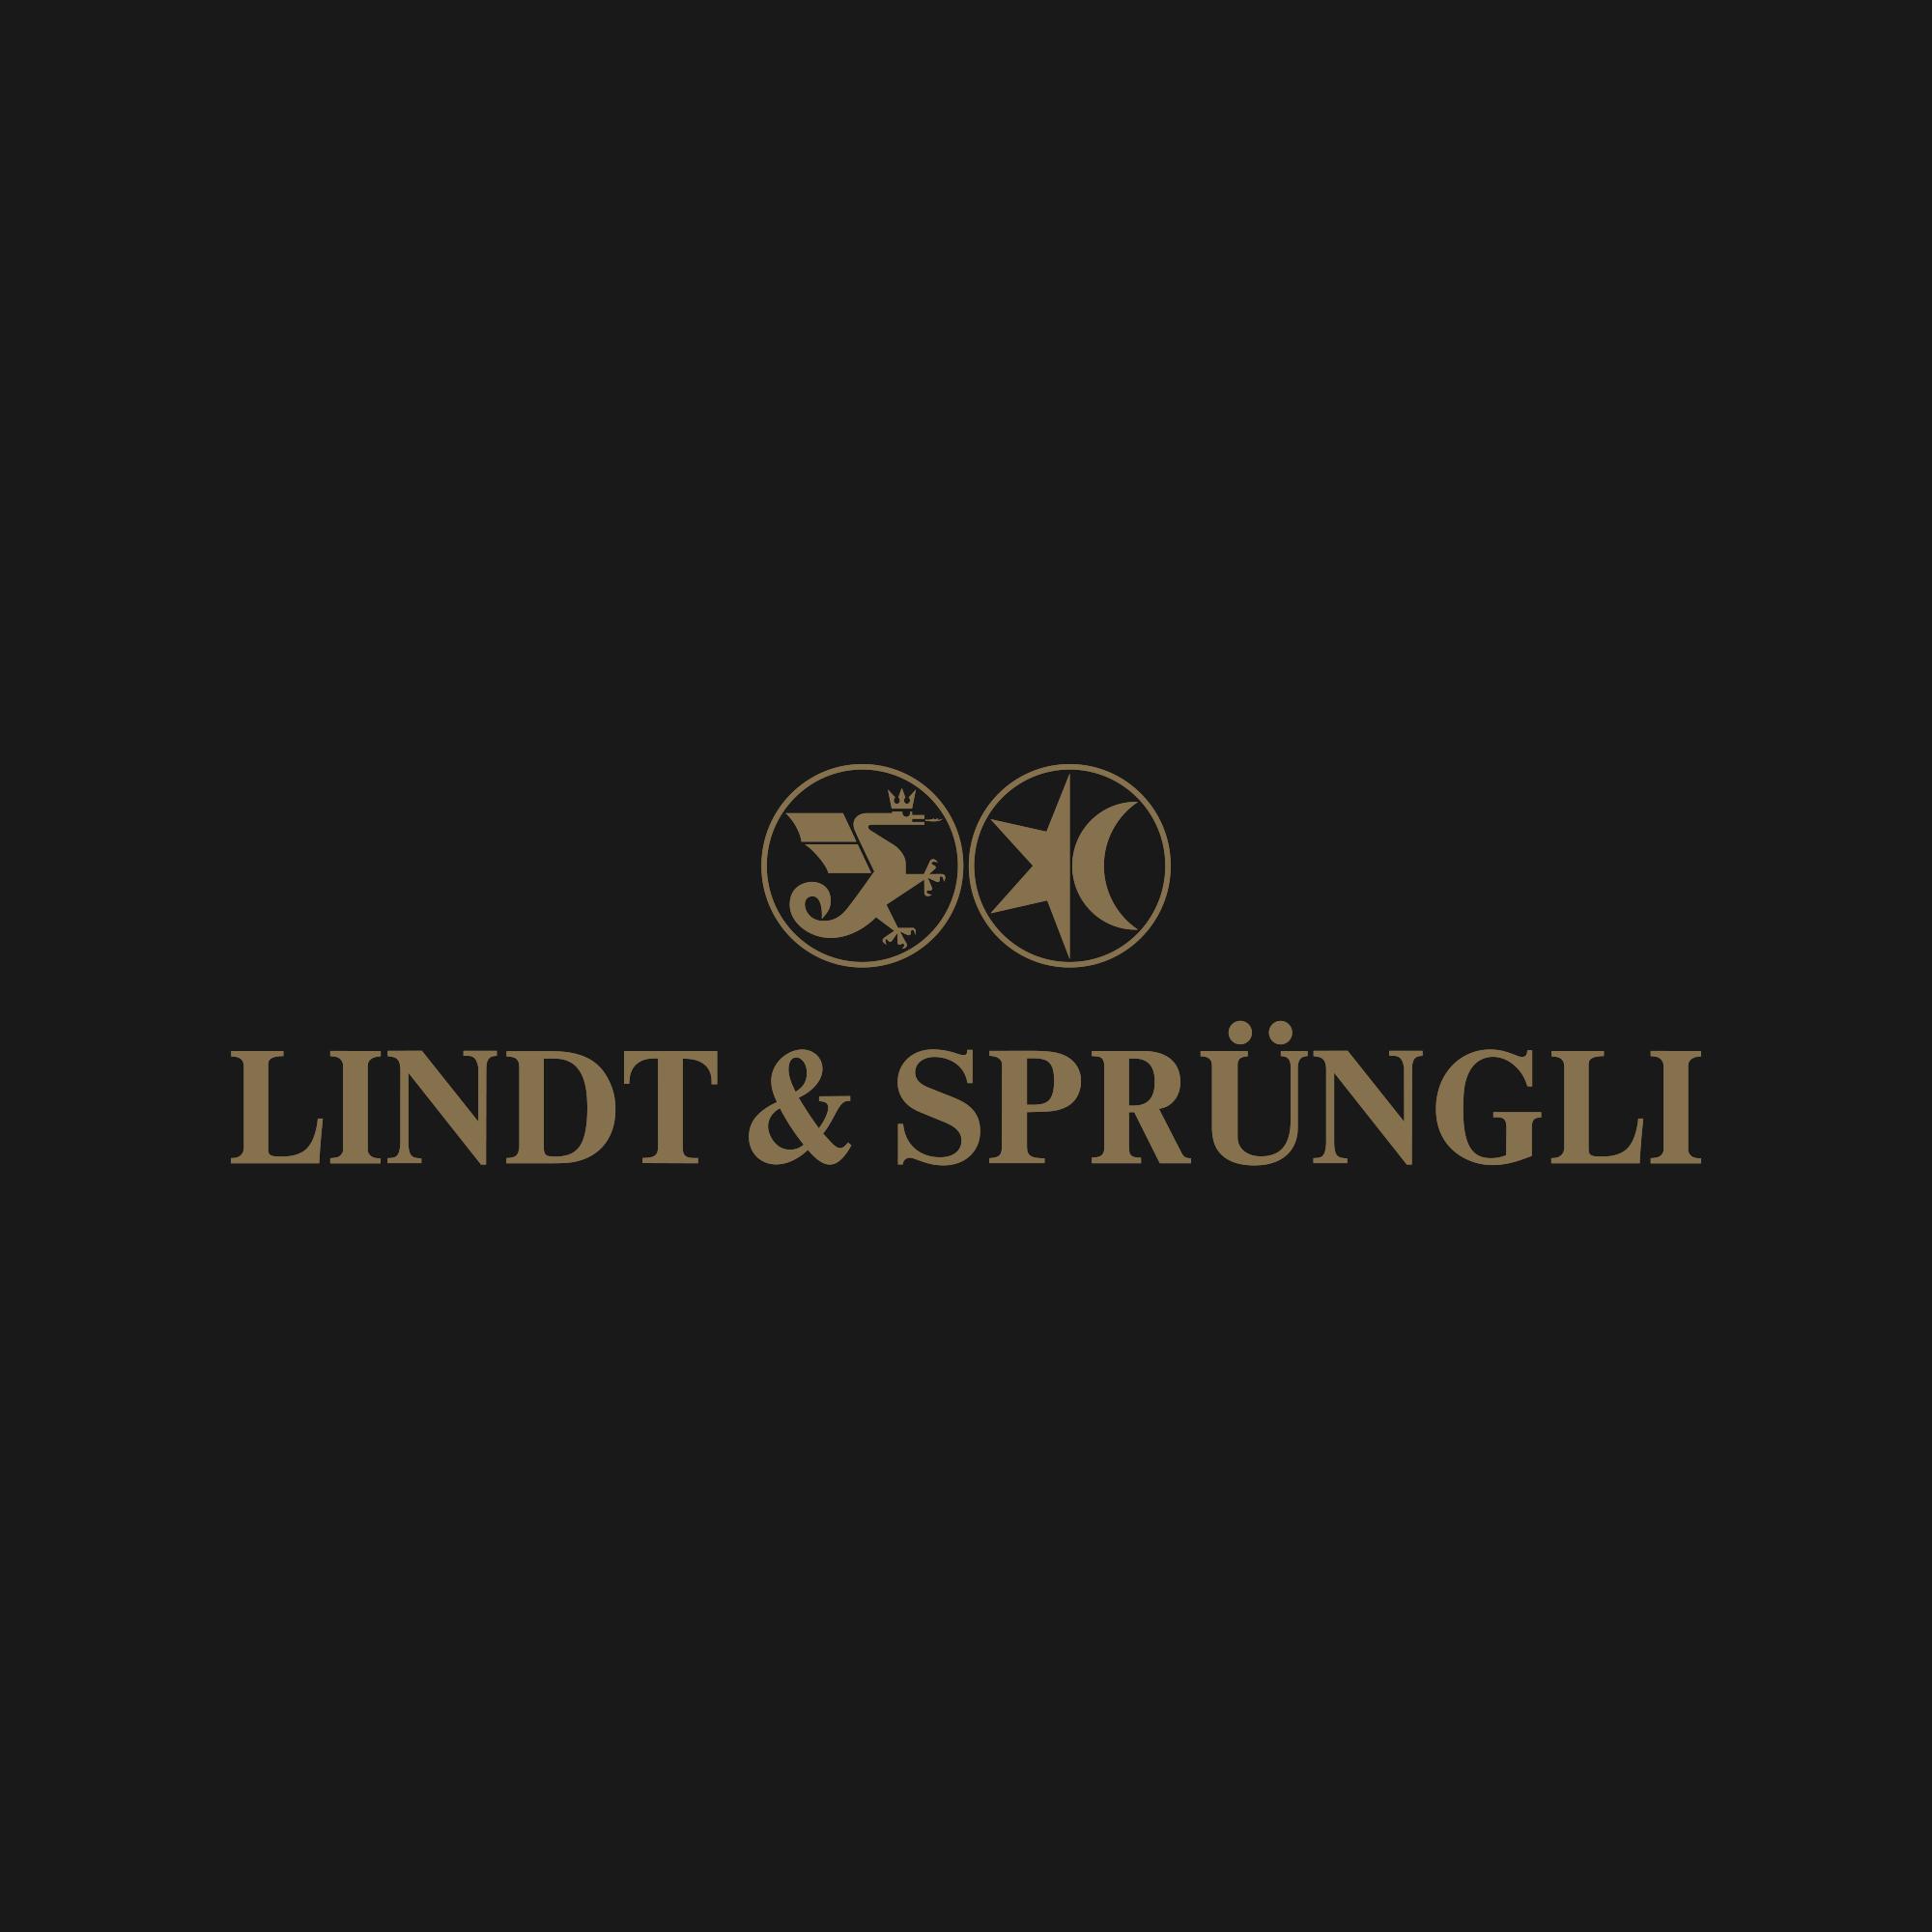 h&p_Lindt & Sprüngli